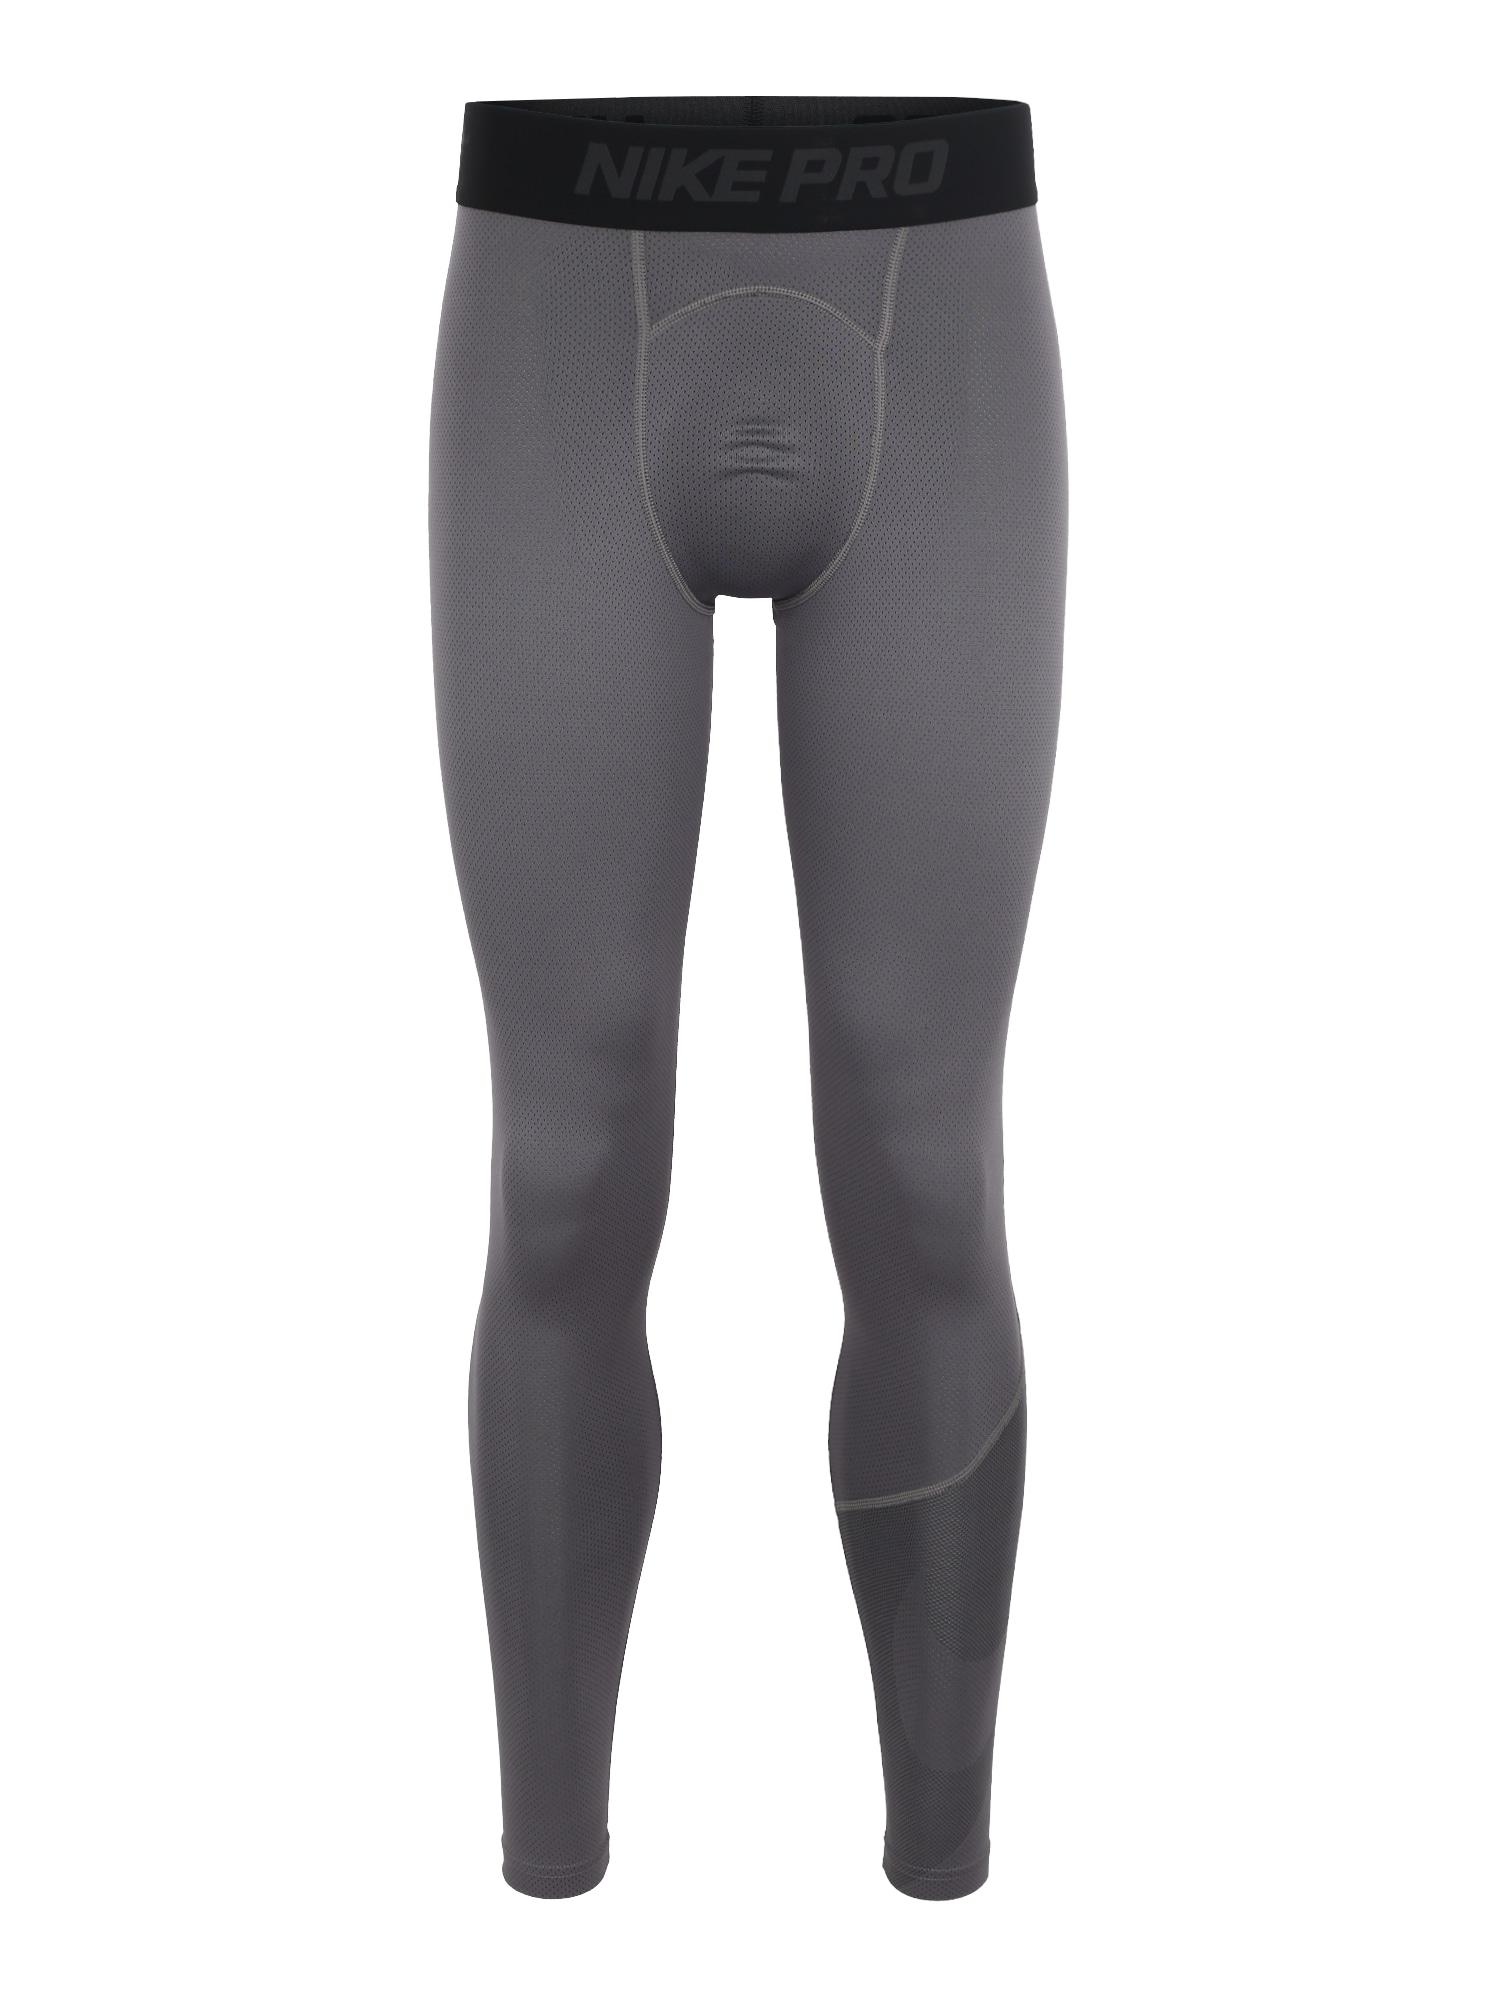 Sportovní kalhoty M NP TGHT HBR 2 šedý melír NIKE